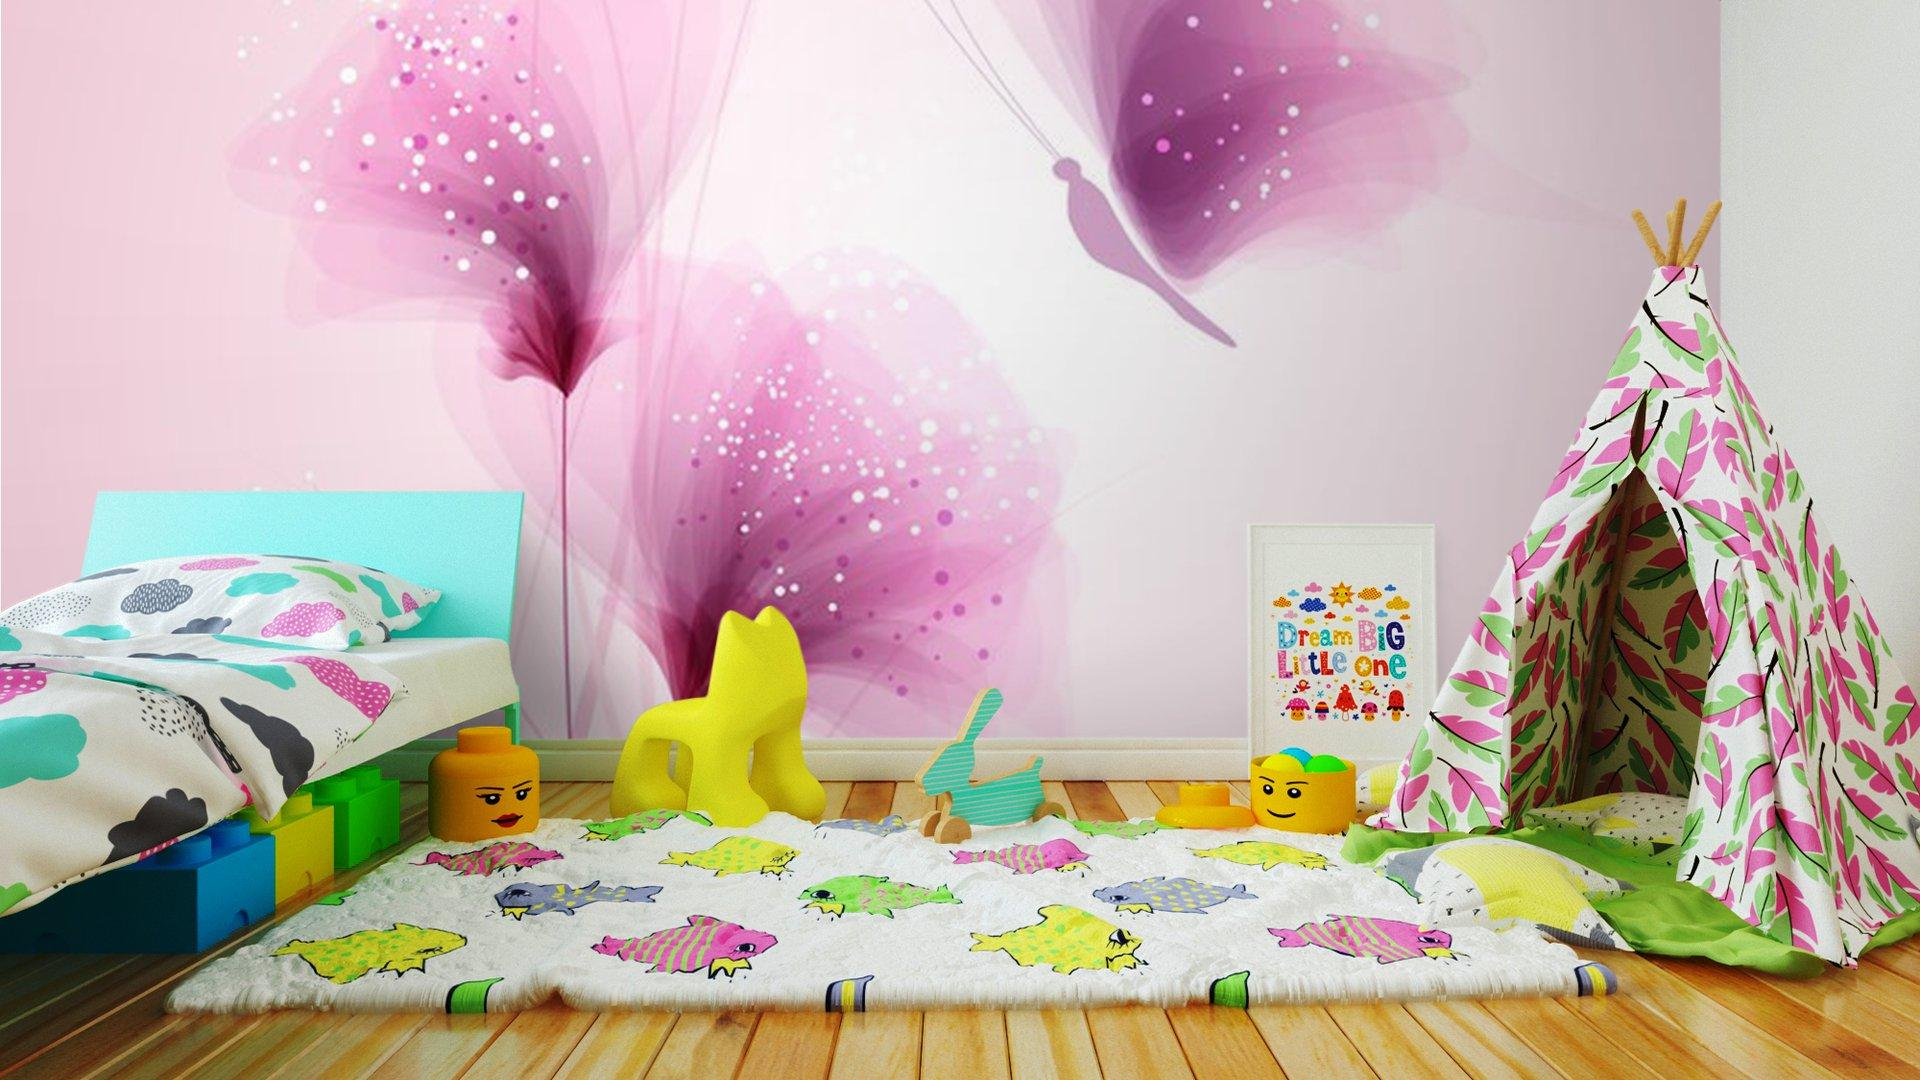 PASTEL DE MARIPOSAS Y FLORES DELICADAS2 - Fotomural Tapiz Mariposas y Flores Color Pastel